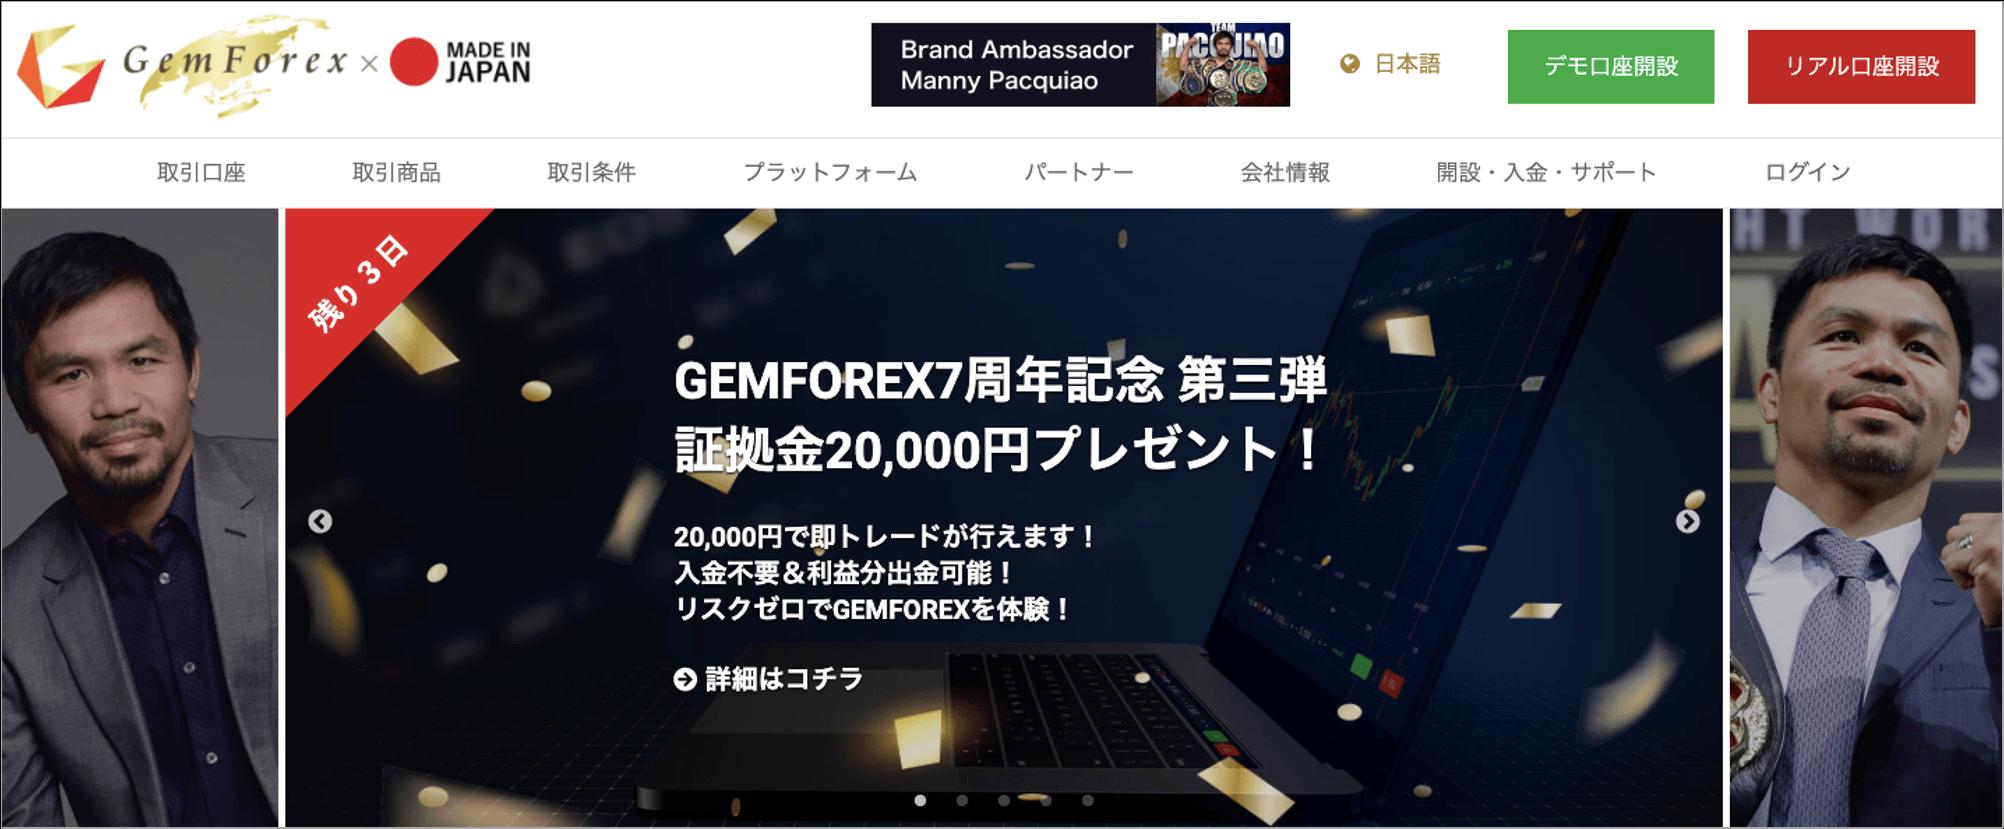 GEMFOREX 公式サイト画像